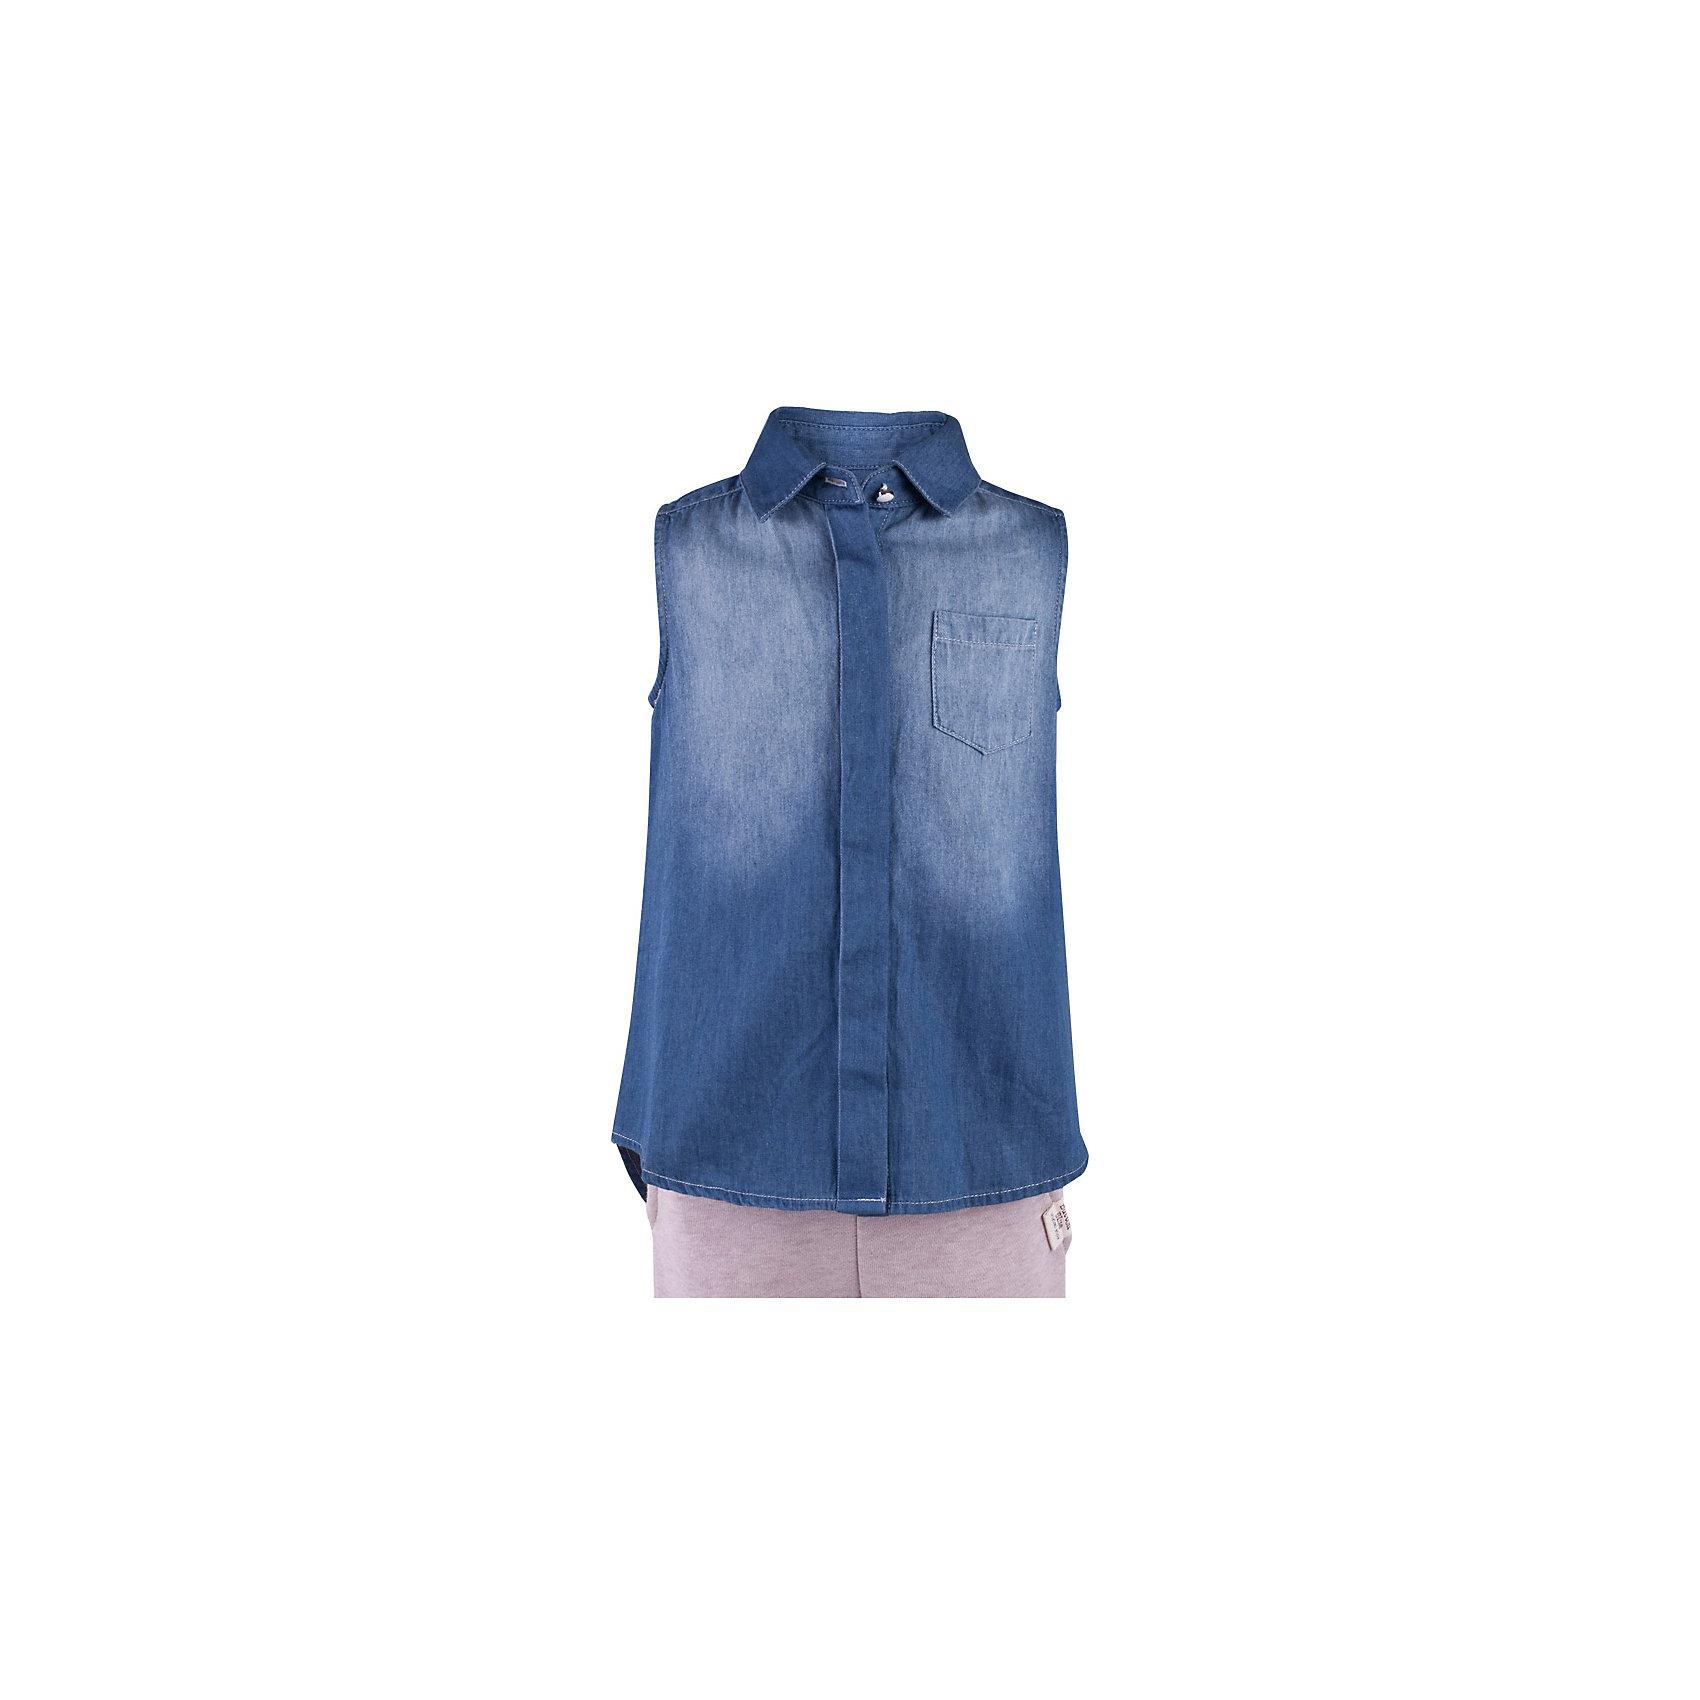 Блузка джинсовая для девочки  BUTTON BLUEБлузки и рубашки<br>Блузка для девочки  BUTTON BLUE<br>Недорогие детские блузки  - не значит, скучные! В новом весенне-летнем сезоне блузка без рукавов - базовая составляющая модного  гардероба. Именно поэтому детская блузка без рукавов - хит летней коллекции от Button Blue! Простая, удобная и очень элегантная модель в компании с шортами, брюками, юбкой сделает повседневный образ ребенка модным и современным.<br>Состав:<br>100%  хлопок<br><br>Ширина мм: 174<br>Глубина мм: 10<br>Высота мм: 169<br>Вес г: 157<br>Цвет: голубой<br>Возраст от месяцев: 144<br>Возраст до месяцев: 156<br>Пол: Женский<br>Возраст: Детский<br>Размер: 158,98,104,110,116,122,128,134,140,146,152<br>SKU: 5523283